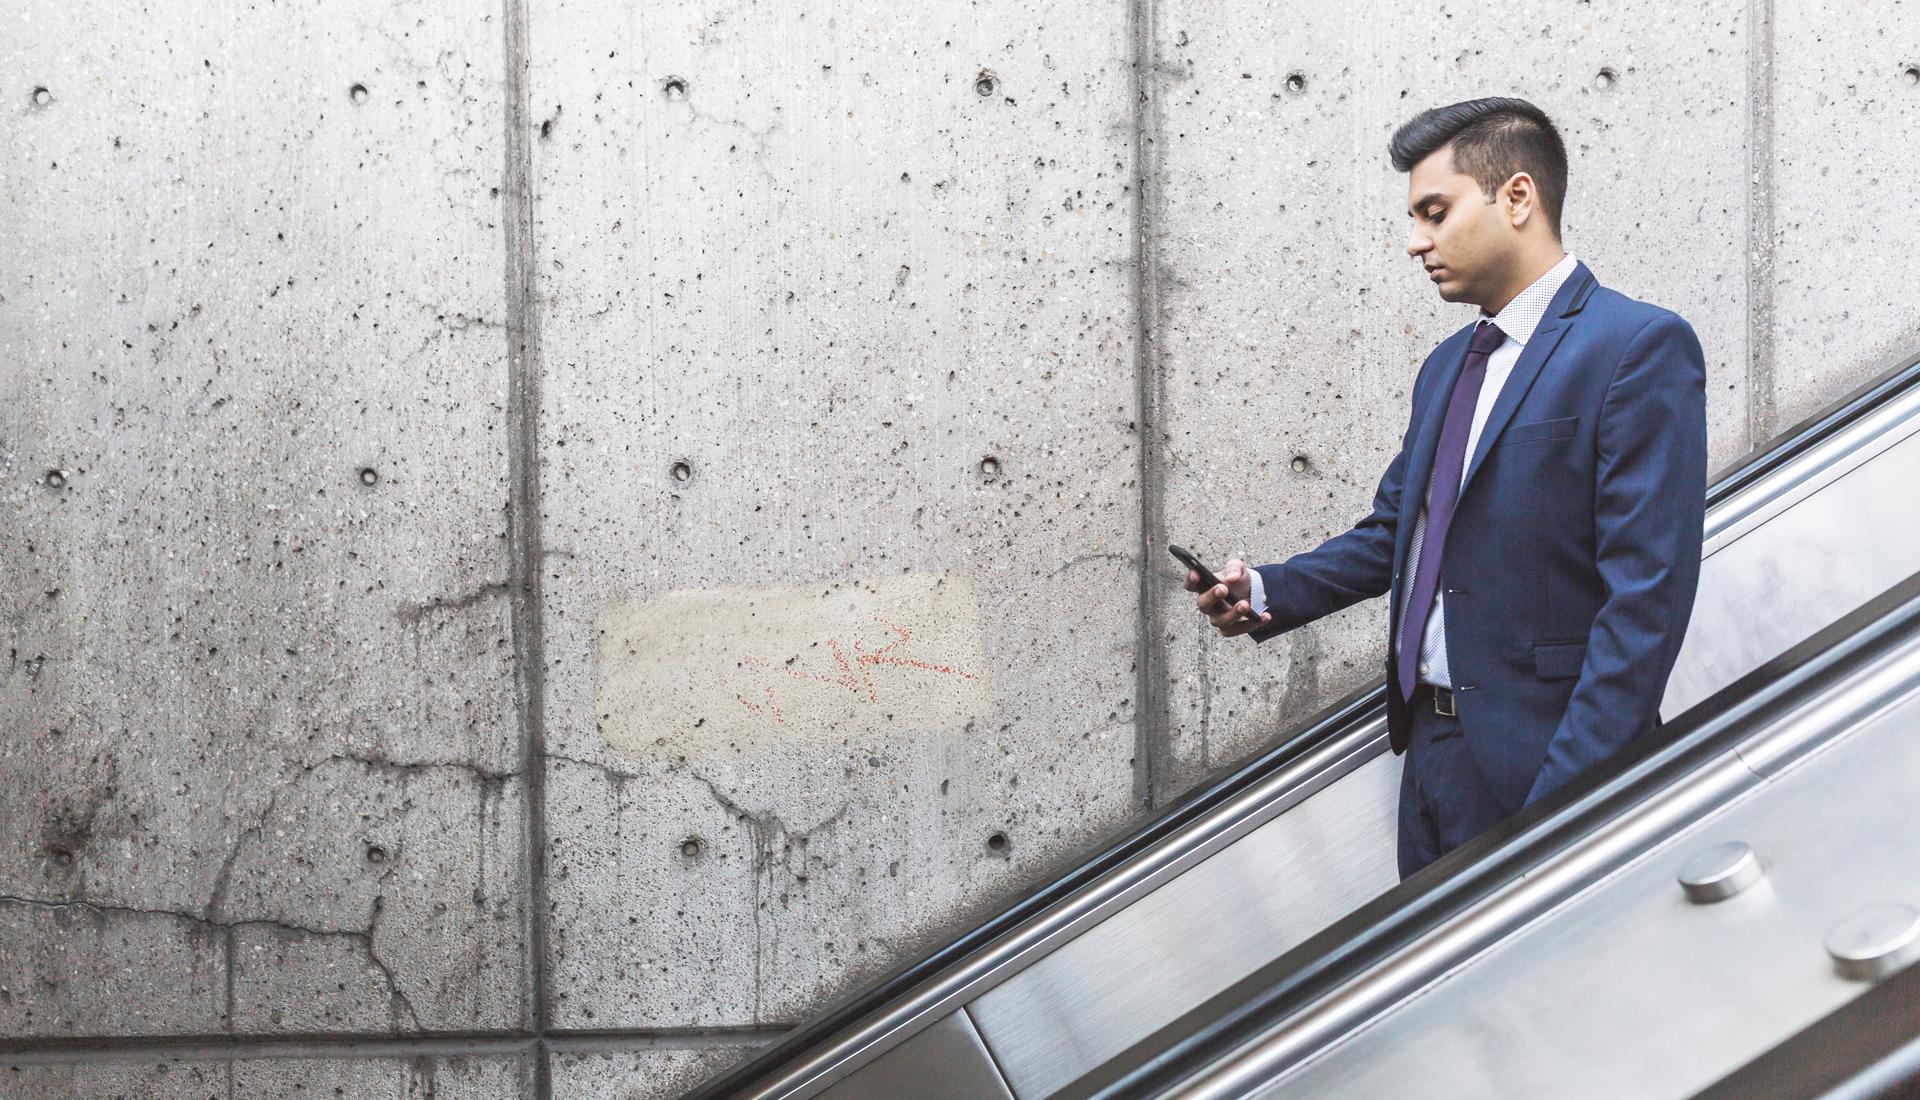 5-tips-to-maximize-productivity-anywhere